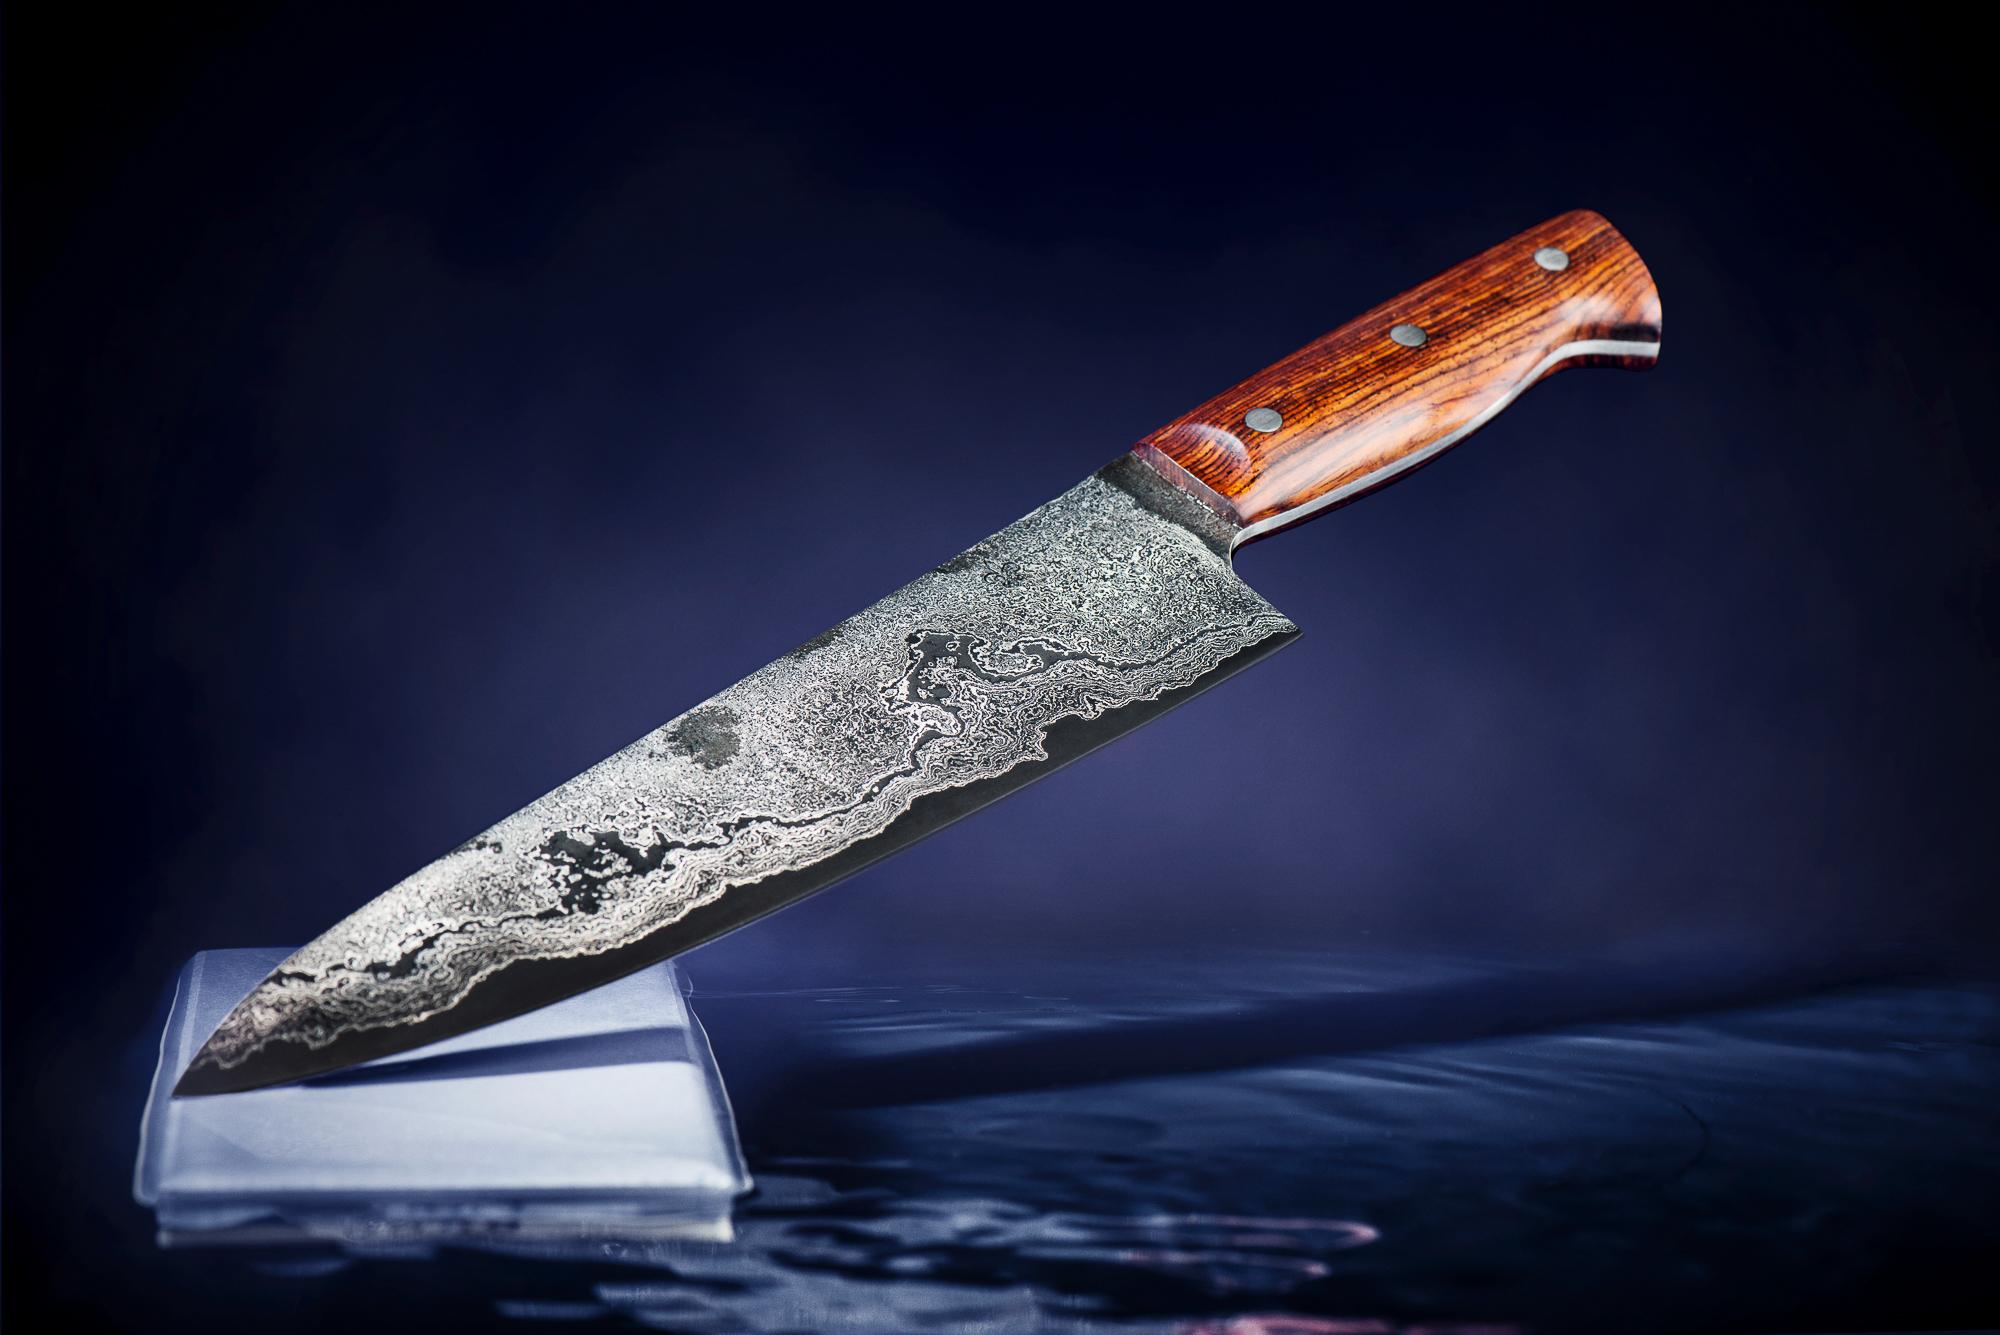 Shooting von Lilienstahl-Messer aus Commercial-Portfolio